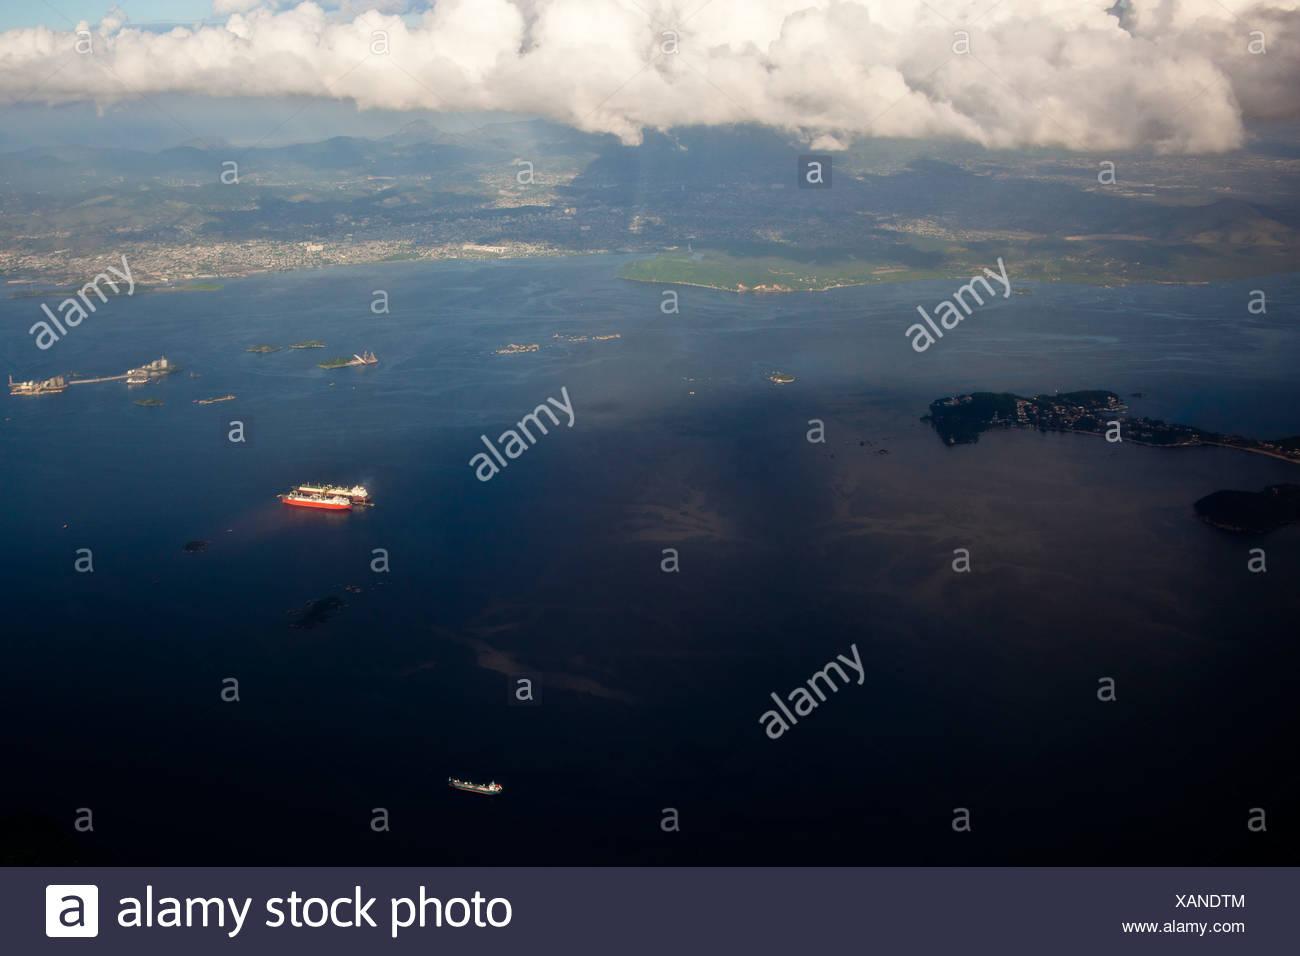 Fuoriuscita di olio nei pressi di Paqueta isola Baia Guanabara di Rio de Janeiro in Brasile il degrado ambientale inquinamento delle acque Immagini Stock